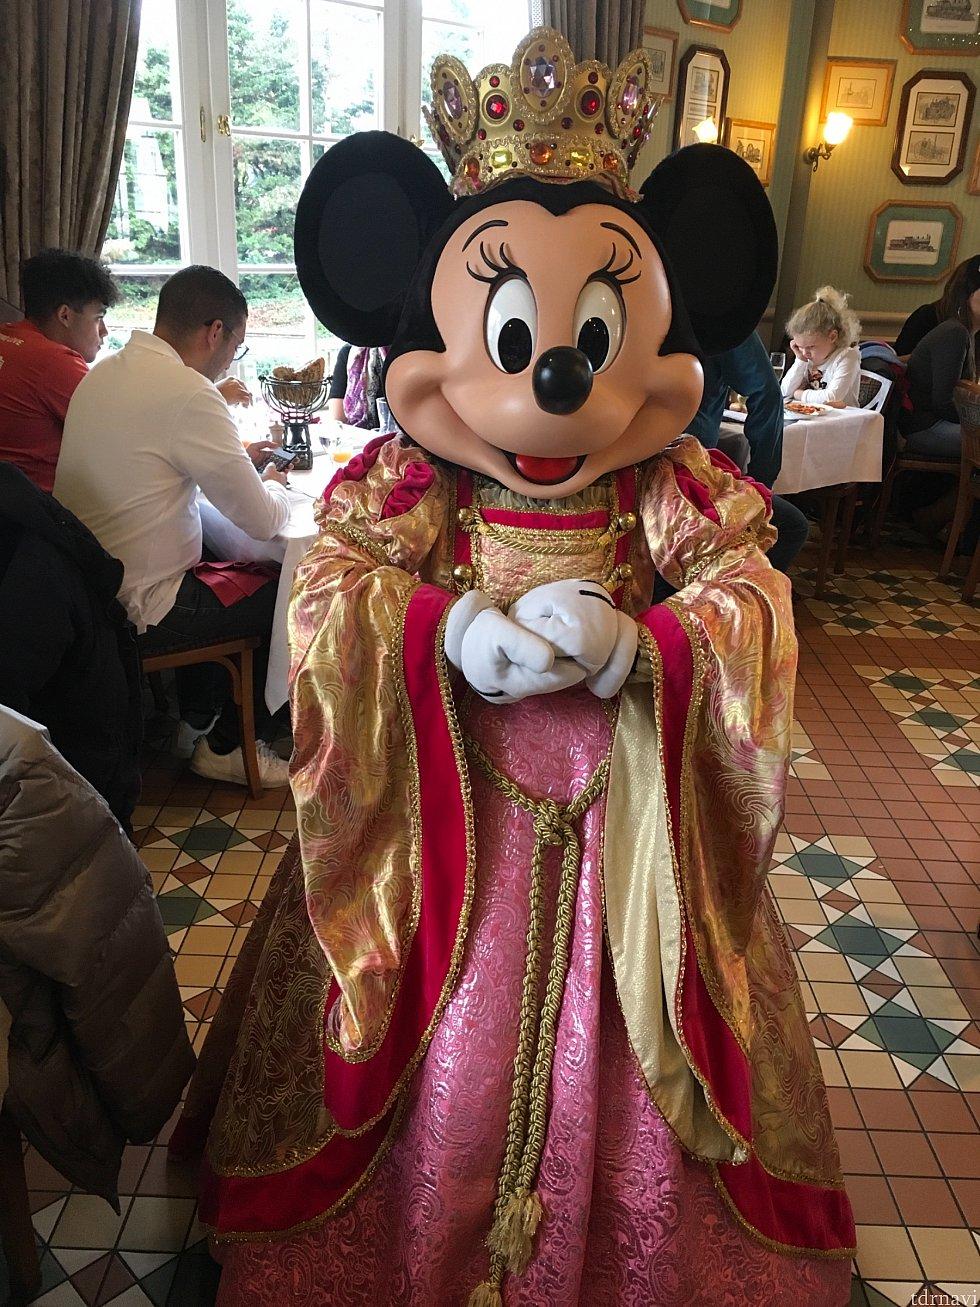 ミニーちゃんは豪華なドレスで。少々アラビア感が入っているのは気のせいでしょうか